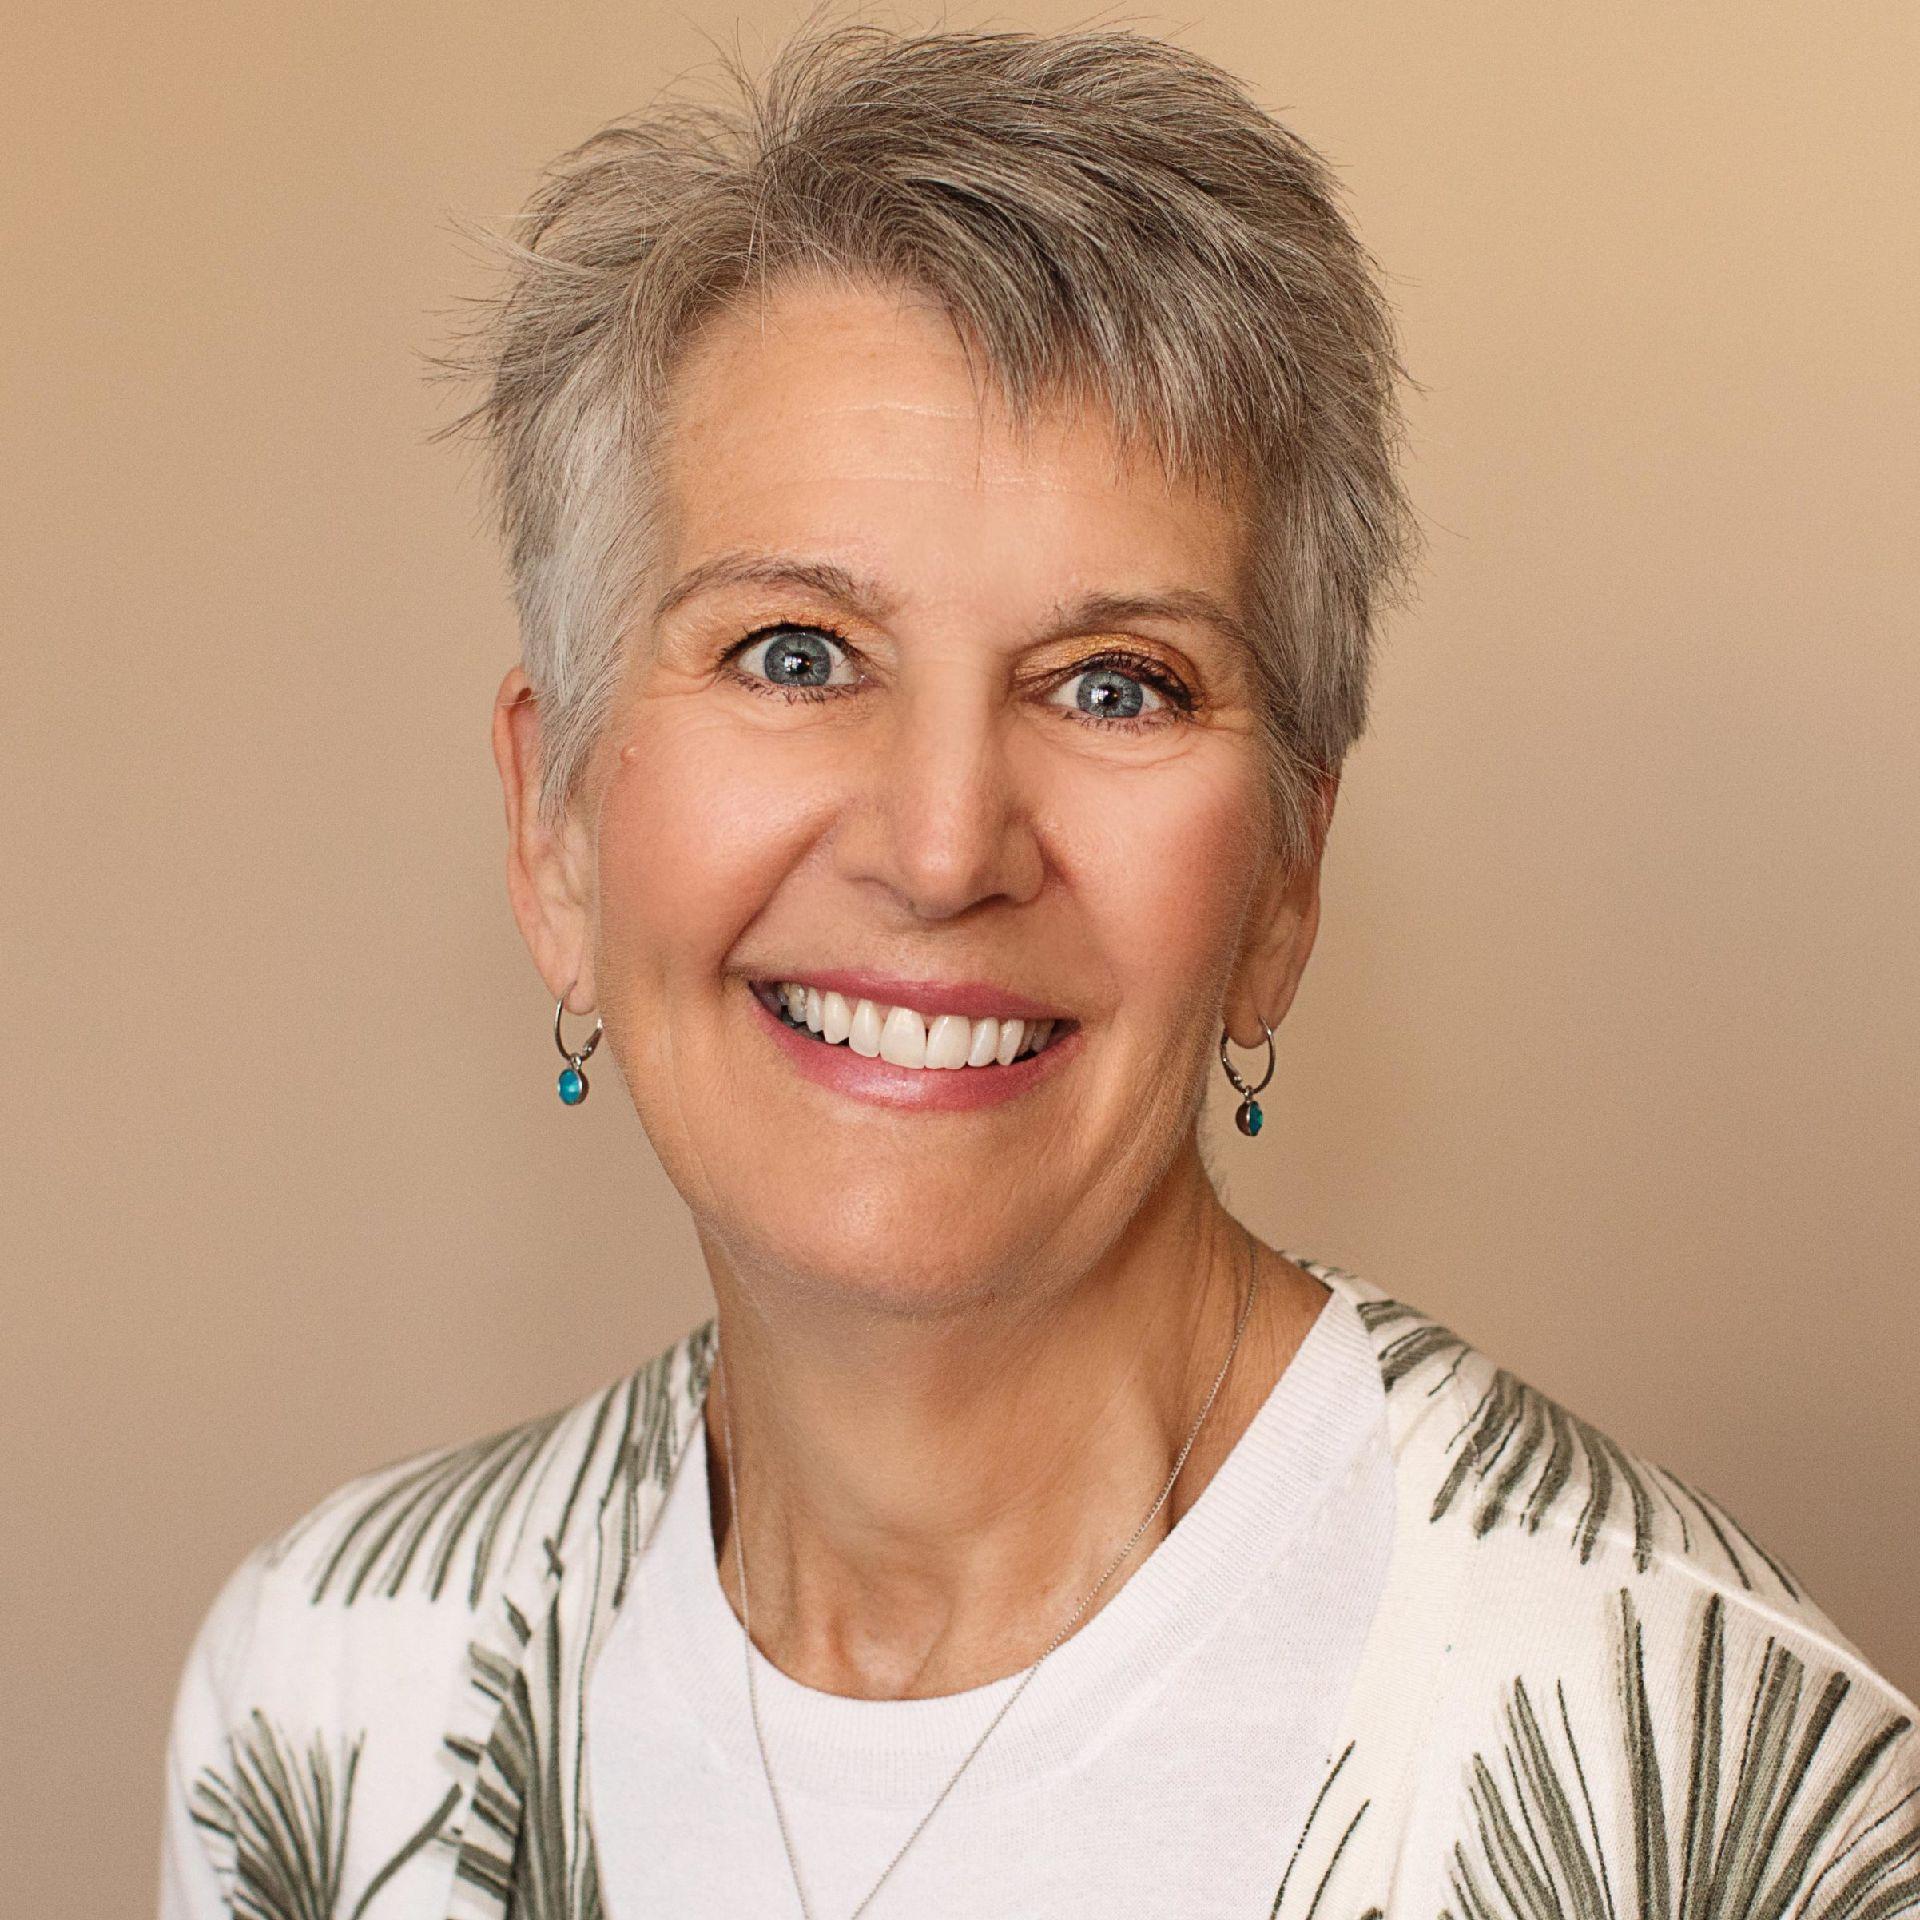 Anne Marie Haugen, ALMFT